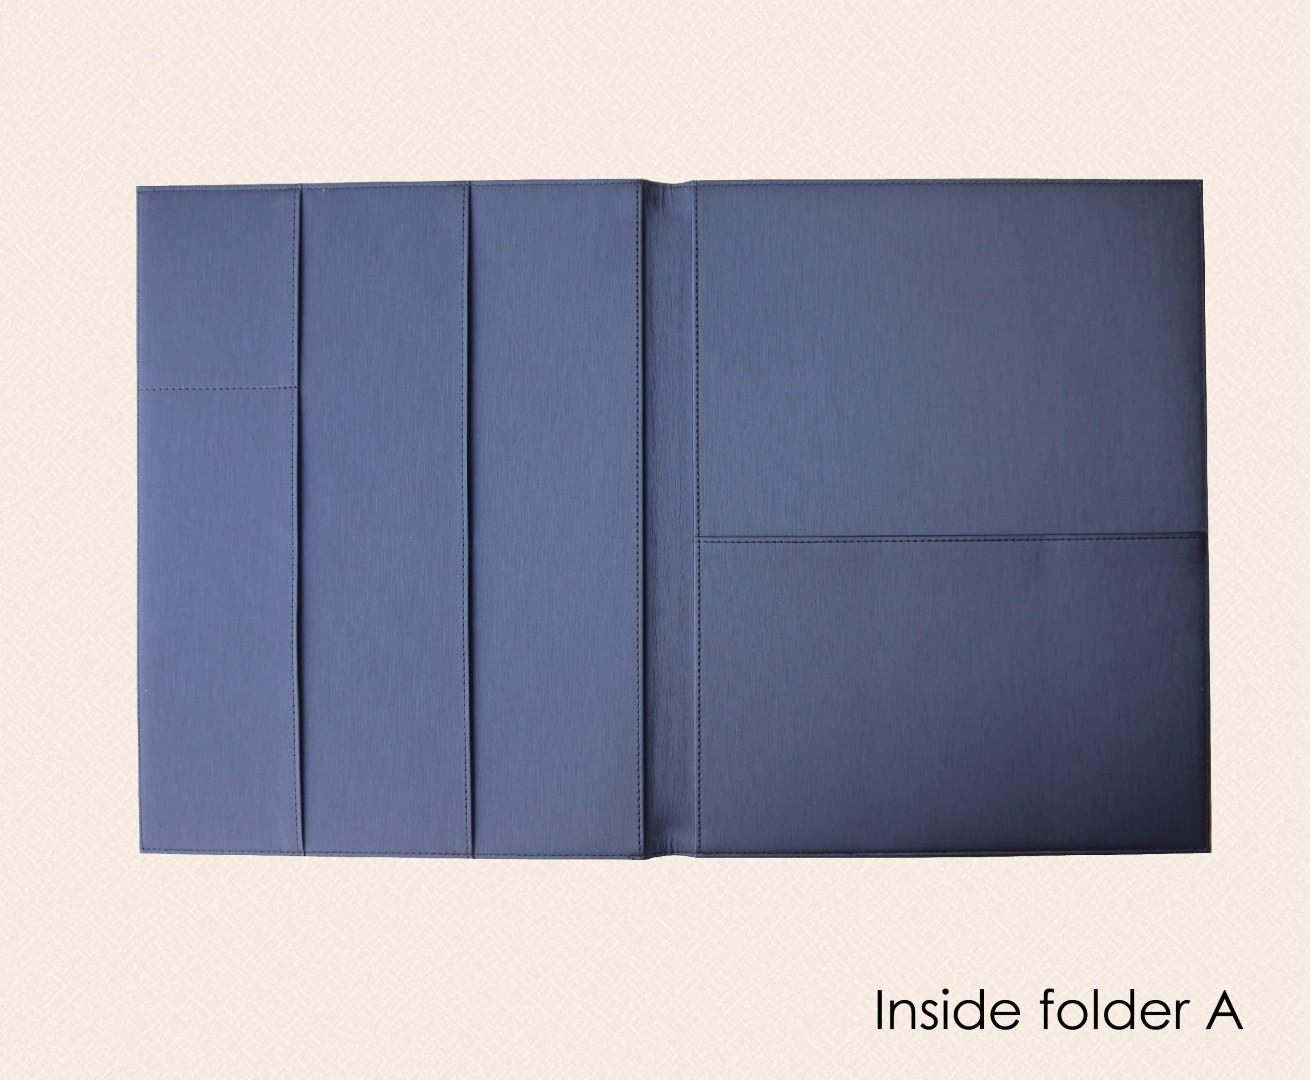 ด้านแฟ้ม แบบ A / Inside folder A